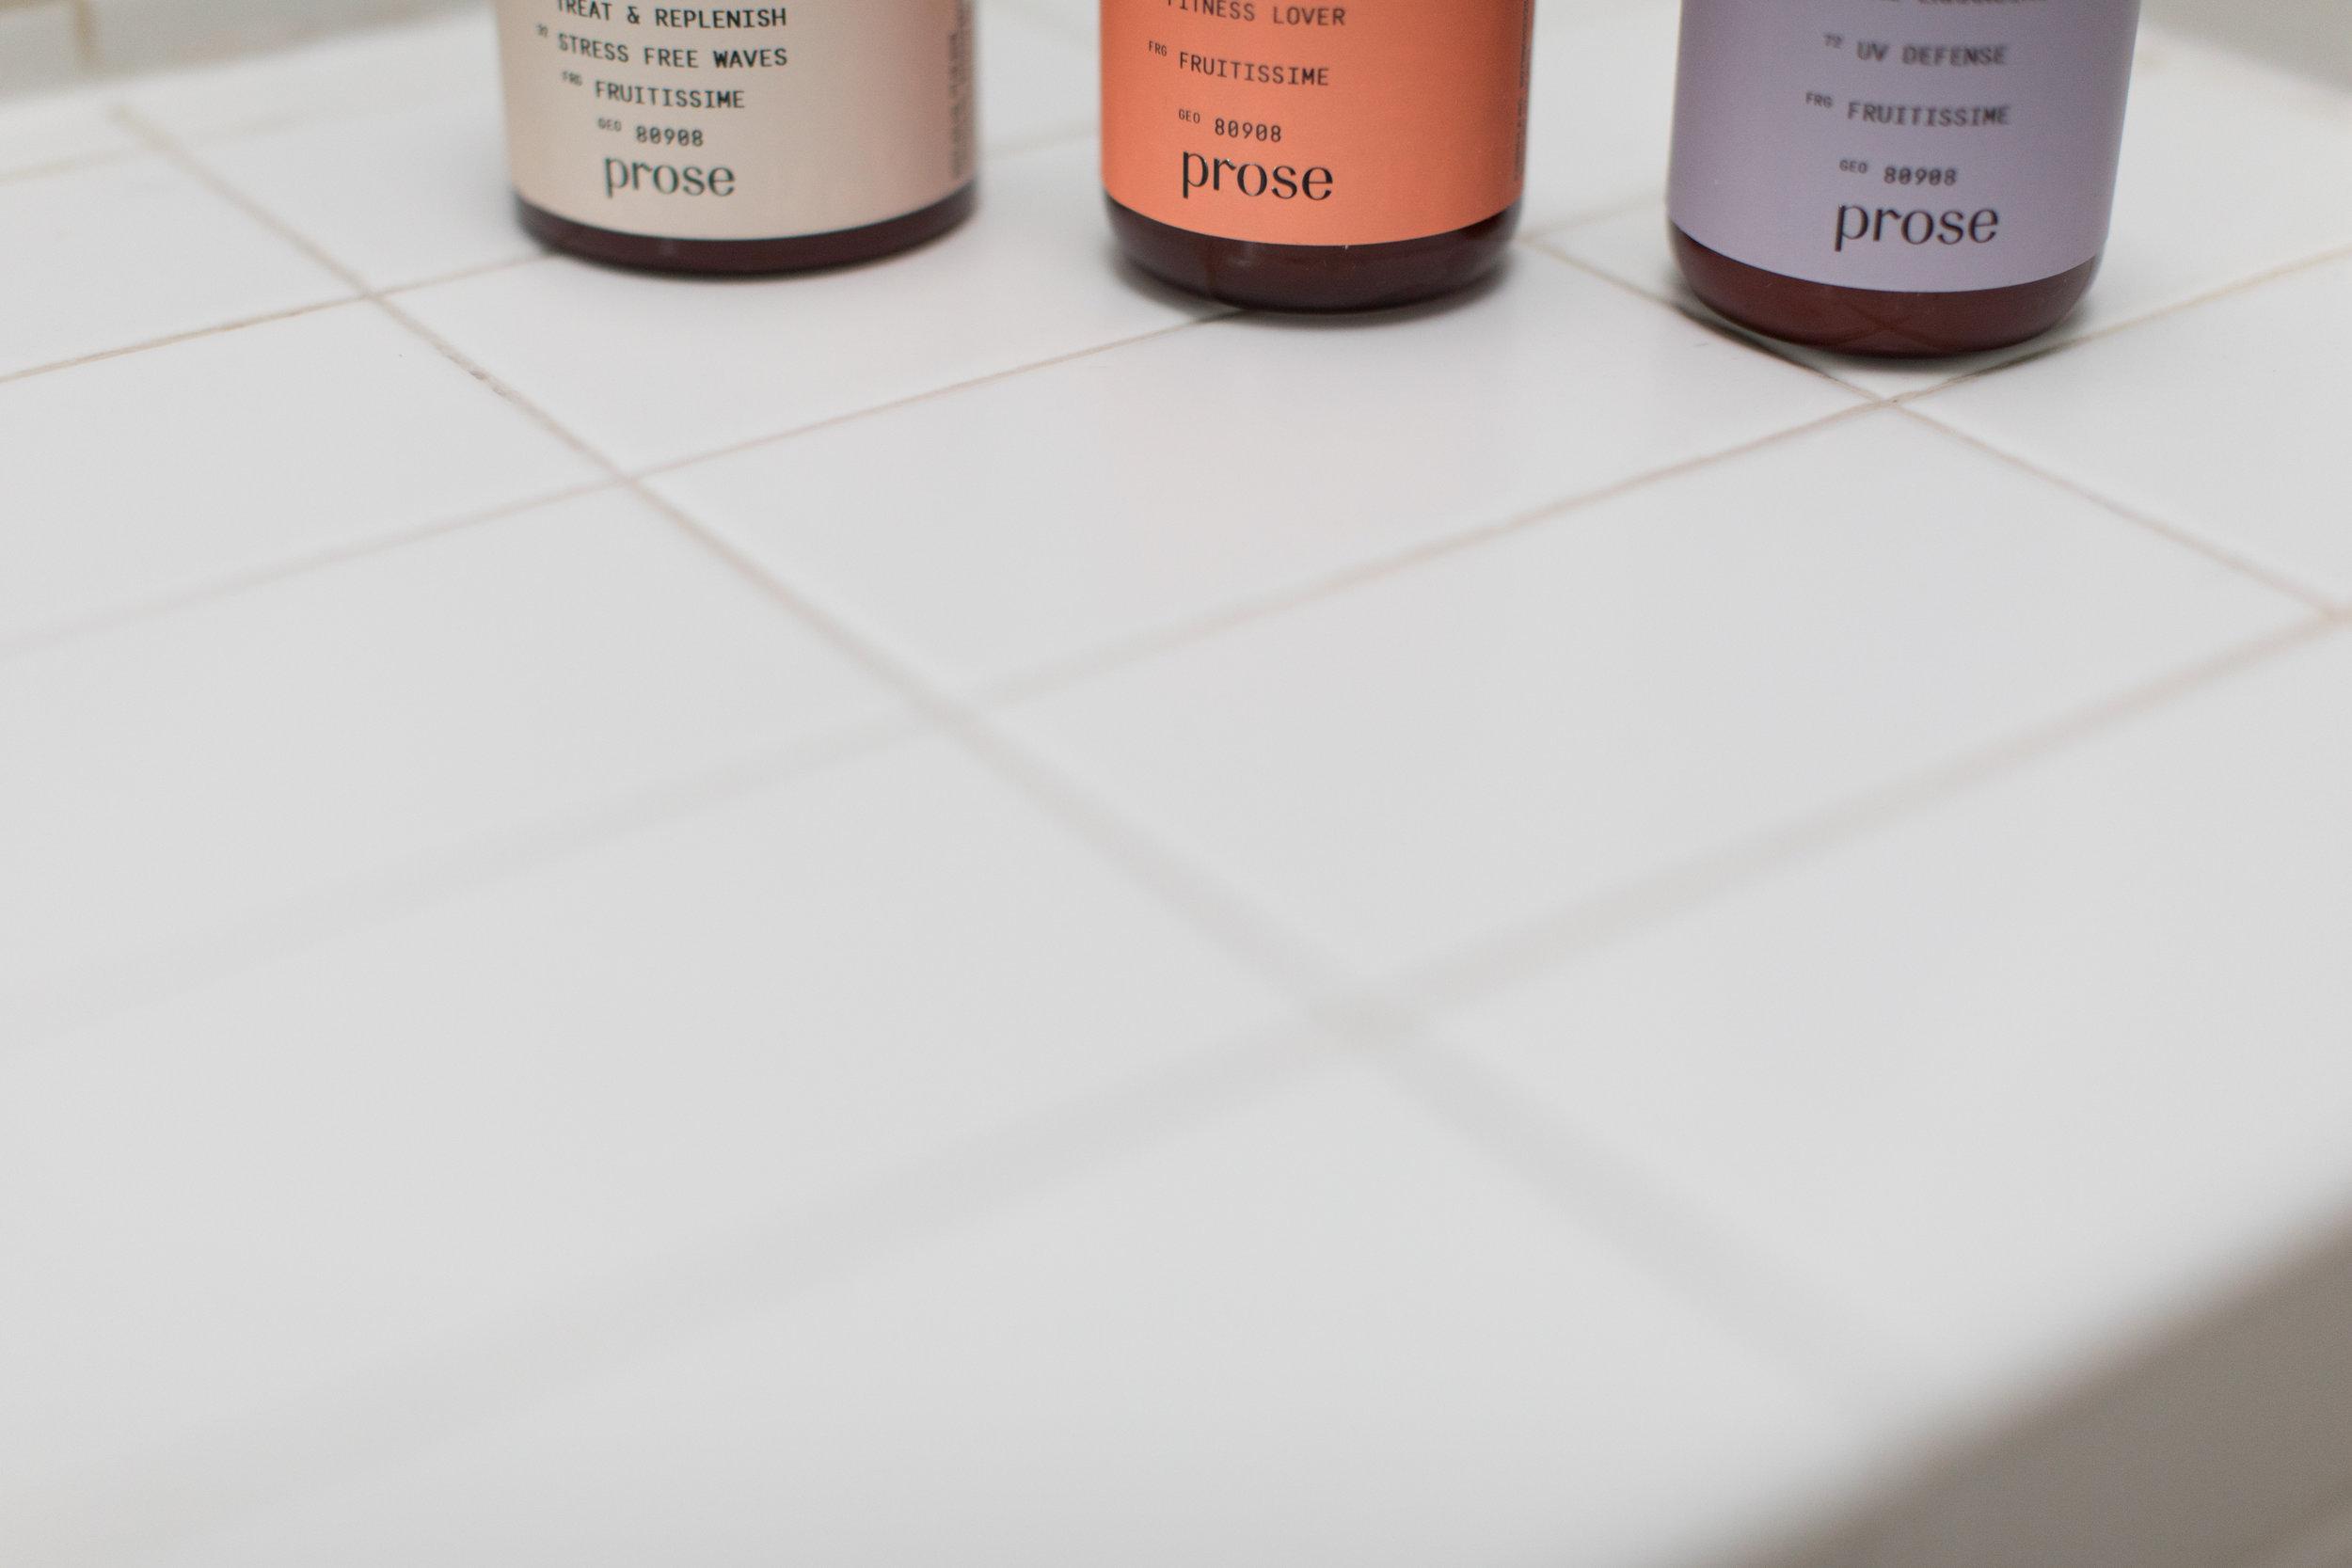 Prose Shampoo + Conditioner - NY, NY